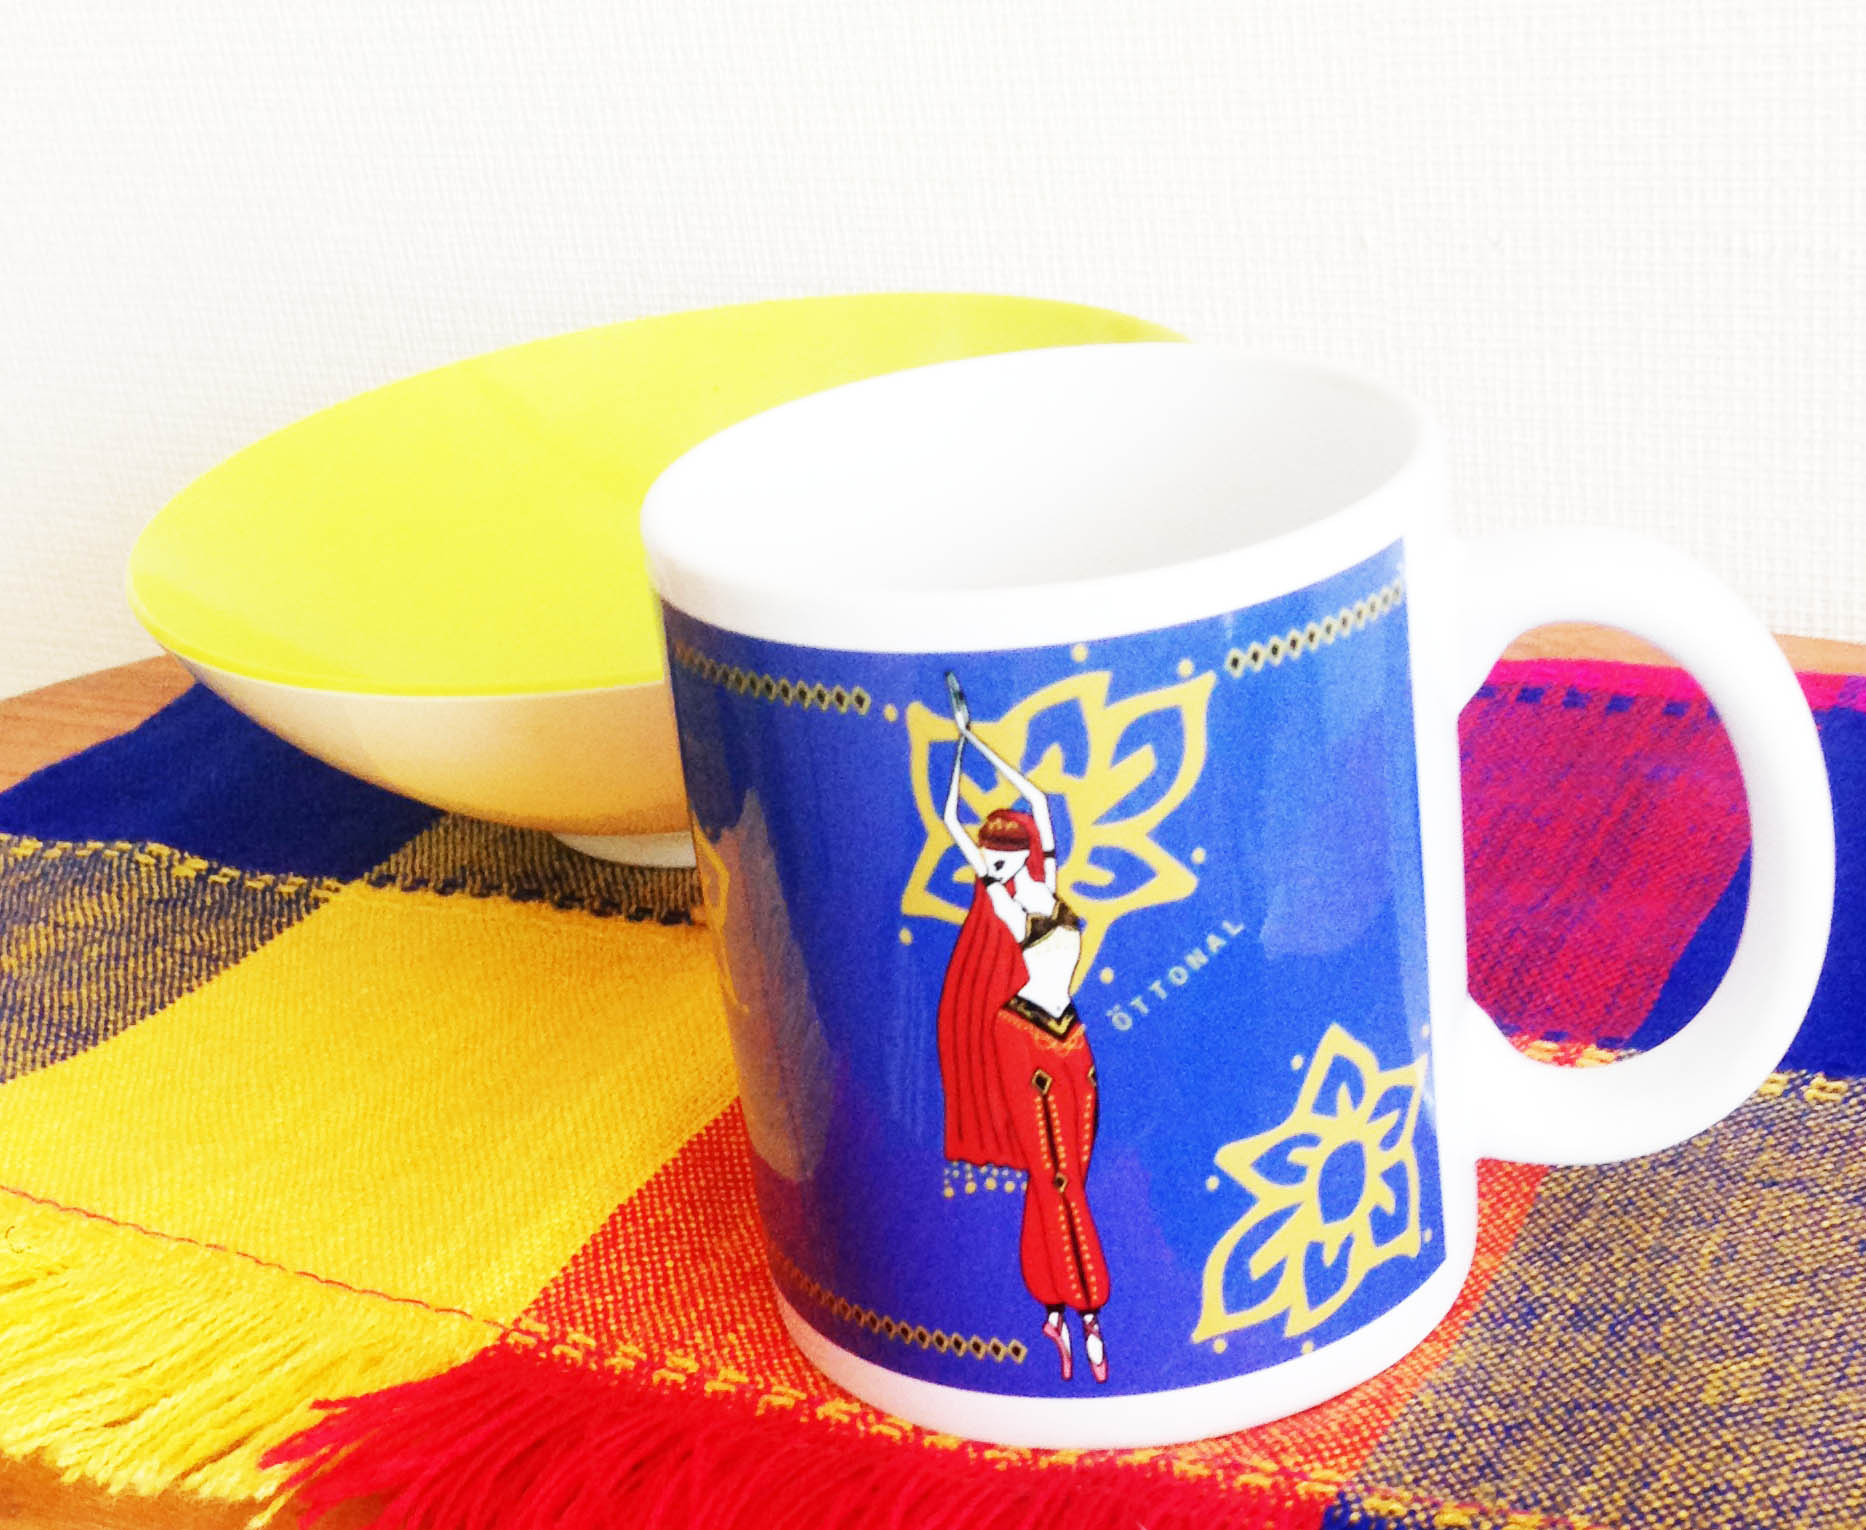 ニキヤ マグカップ - 画像3